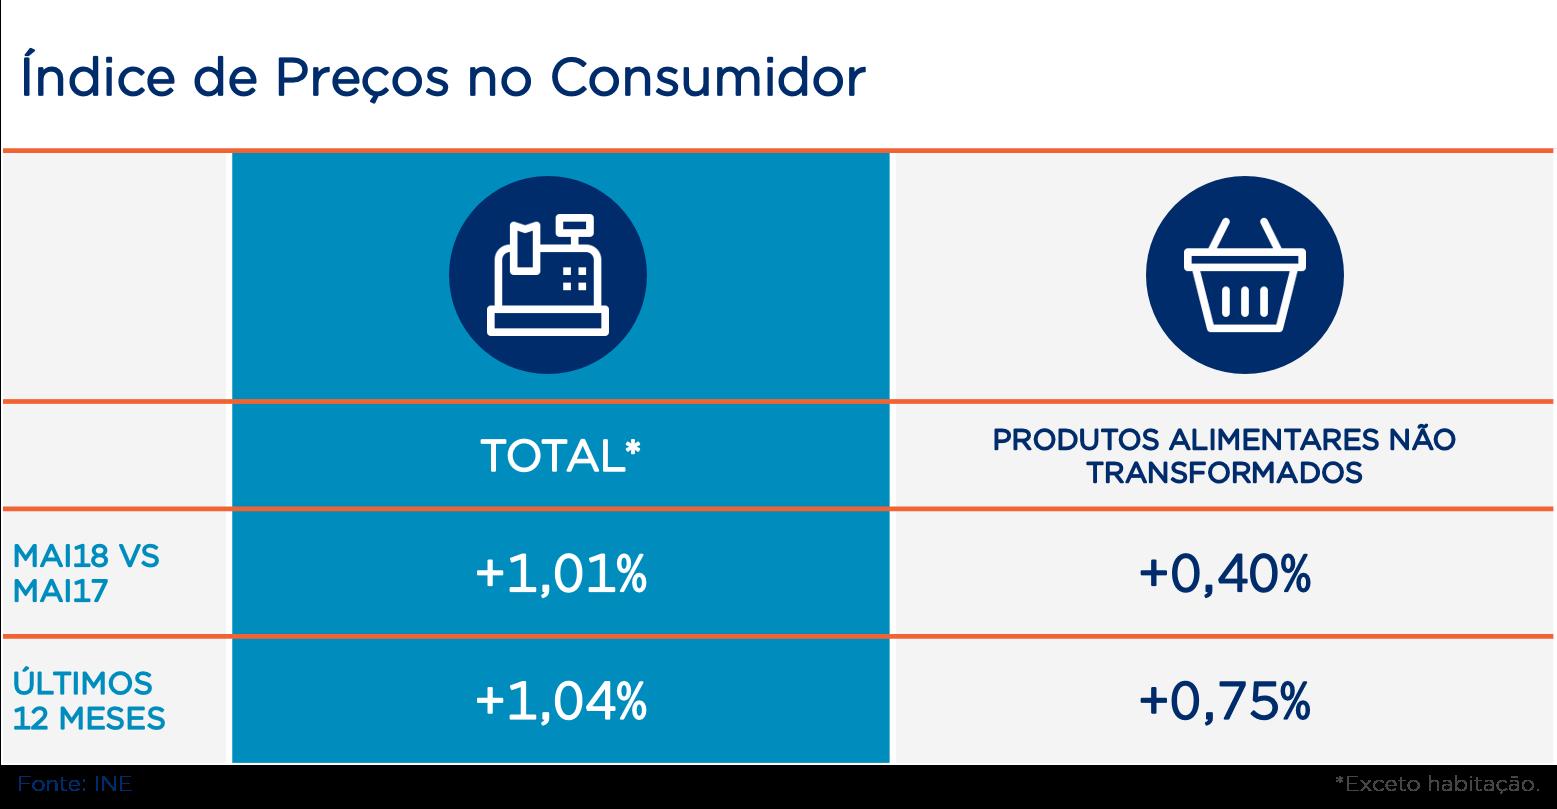 Índice de Preços no Consumidor